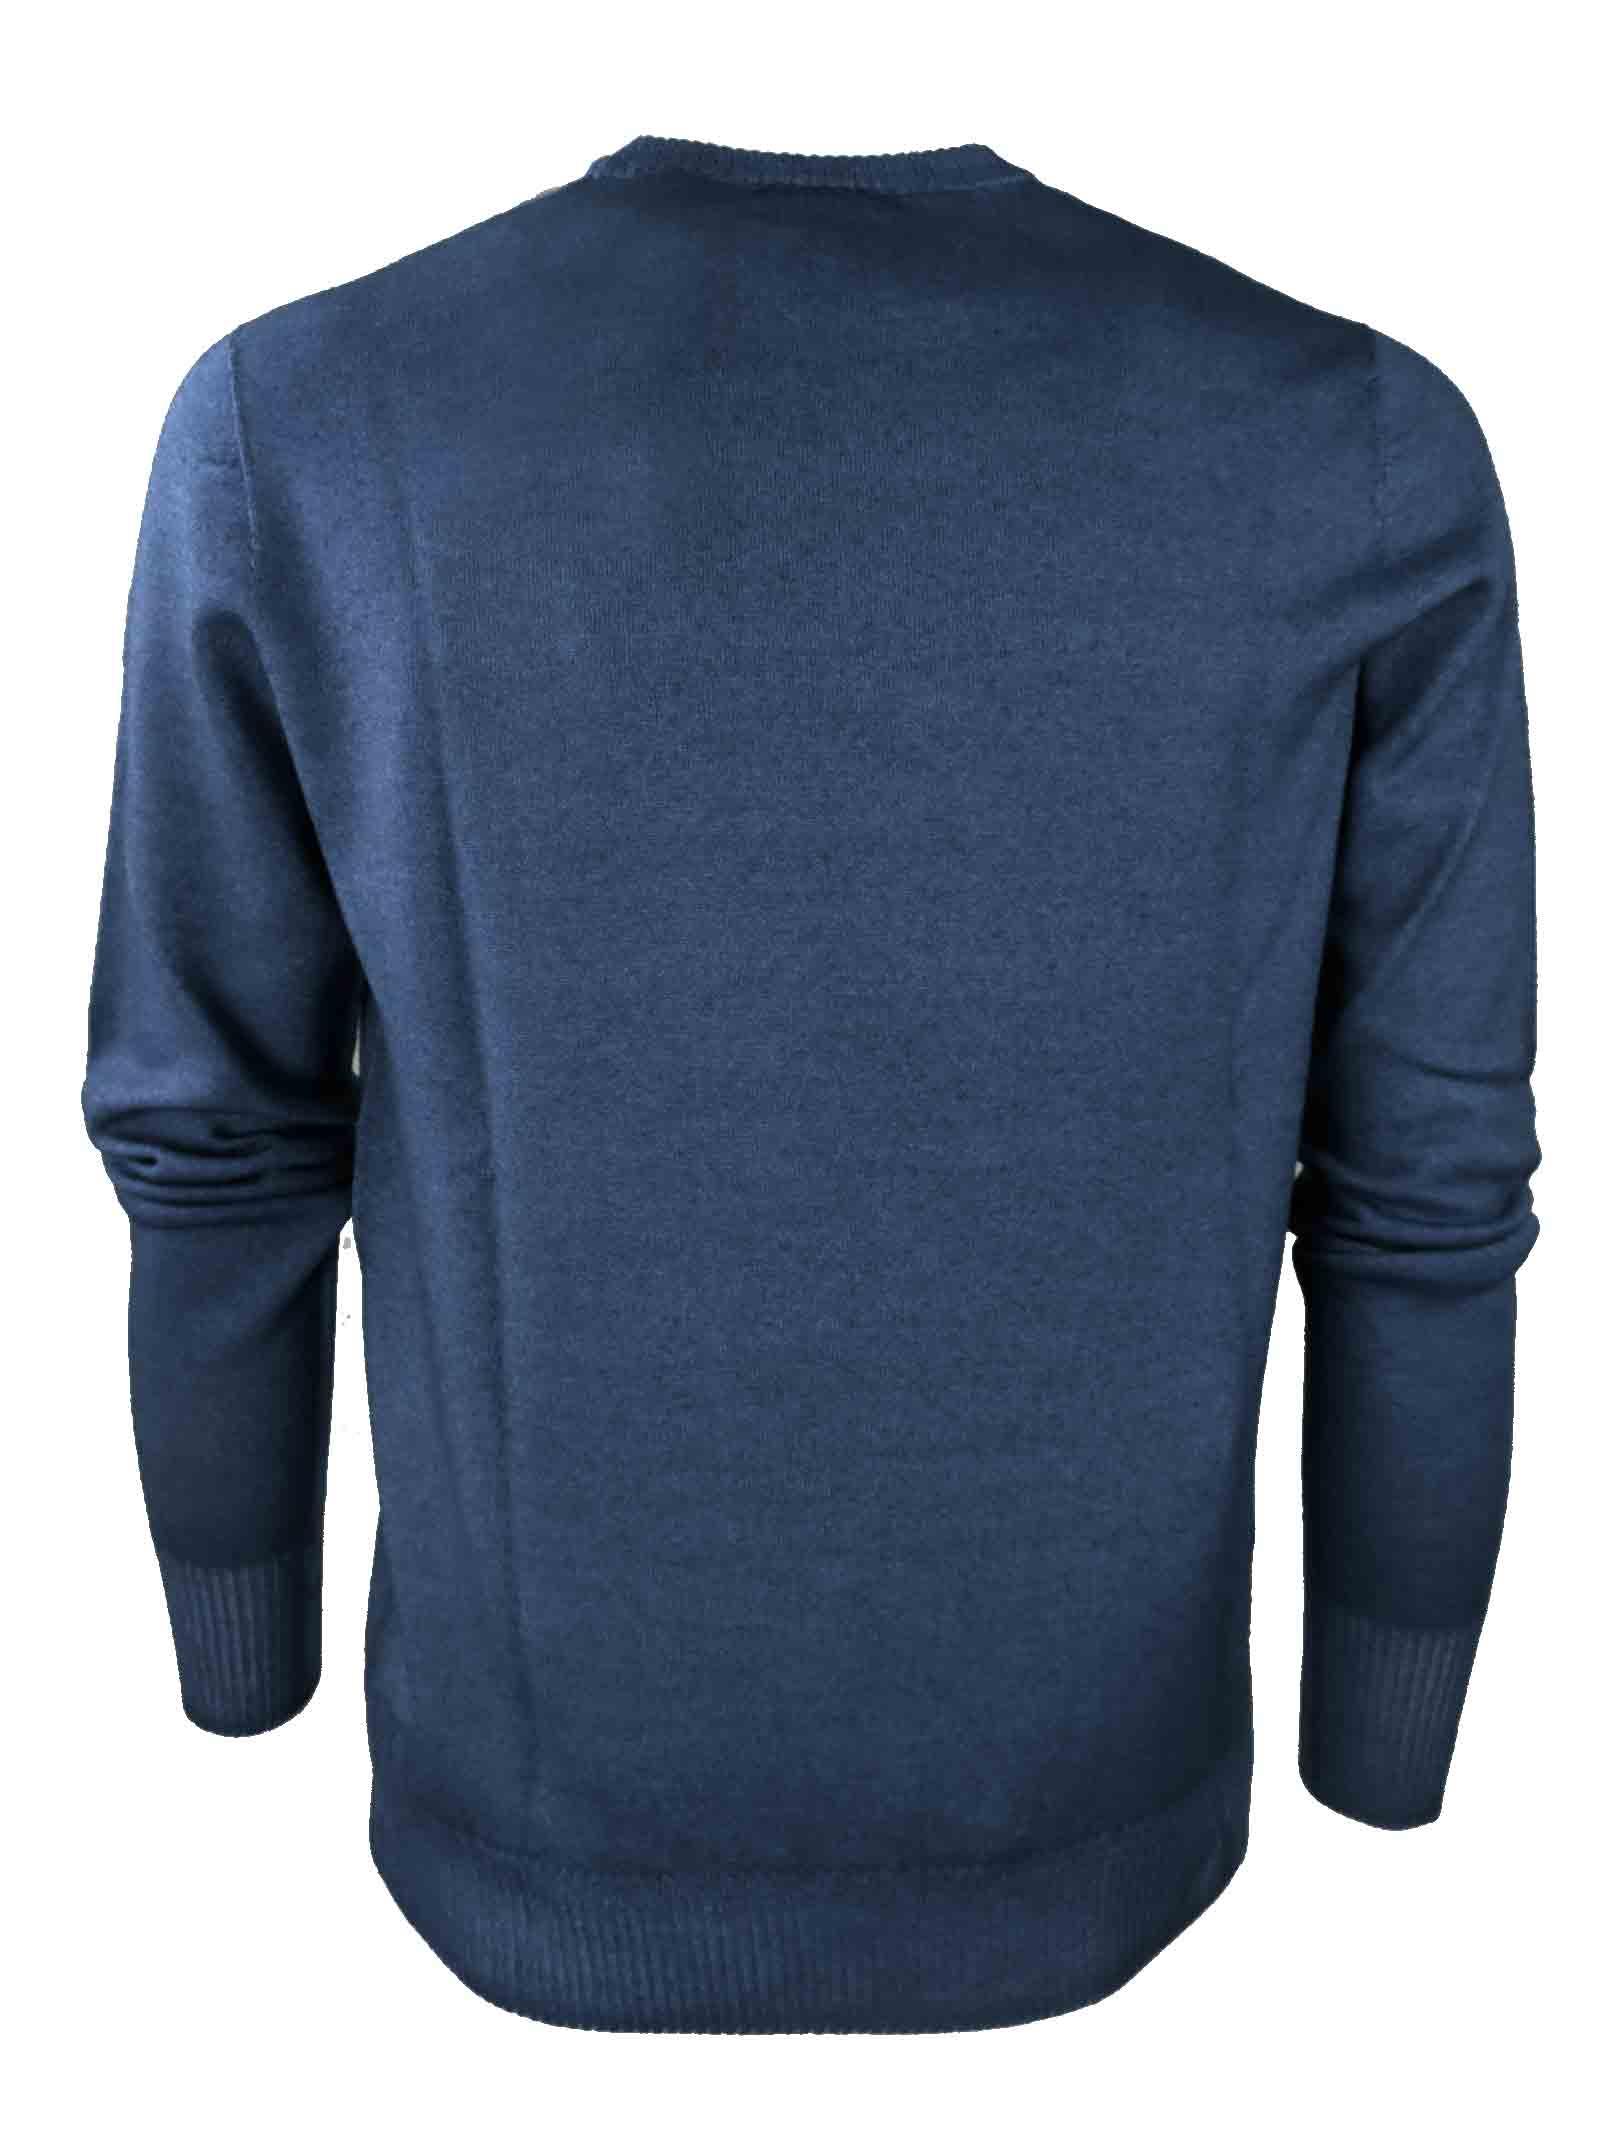 H953 | Knitwear | 294889